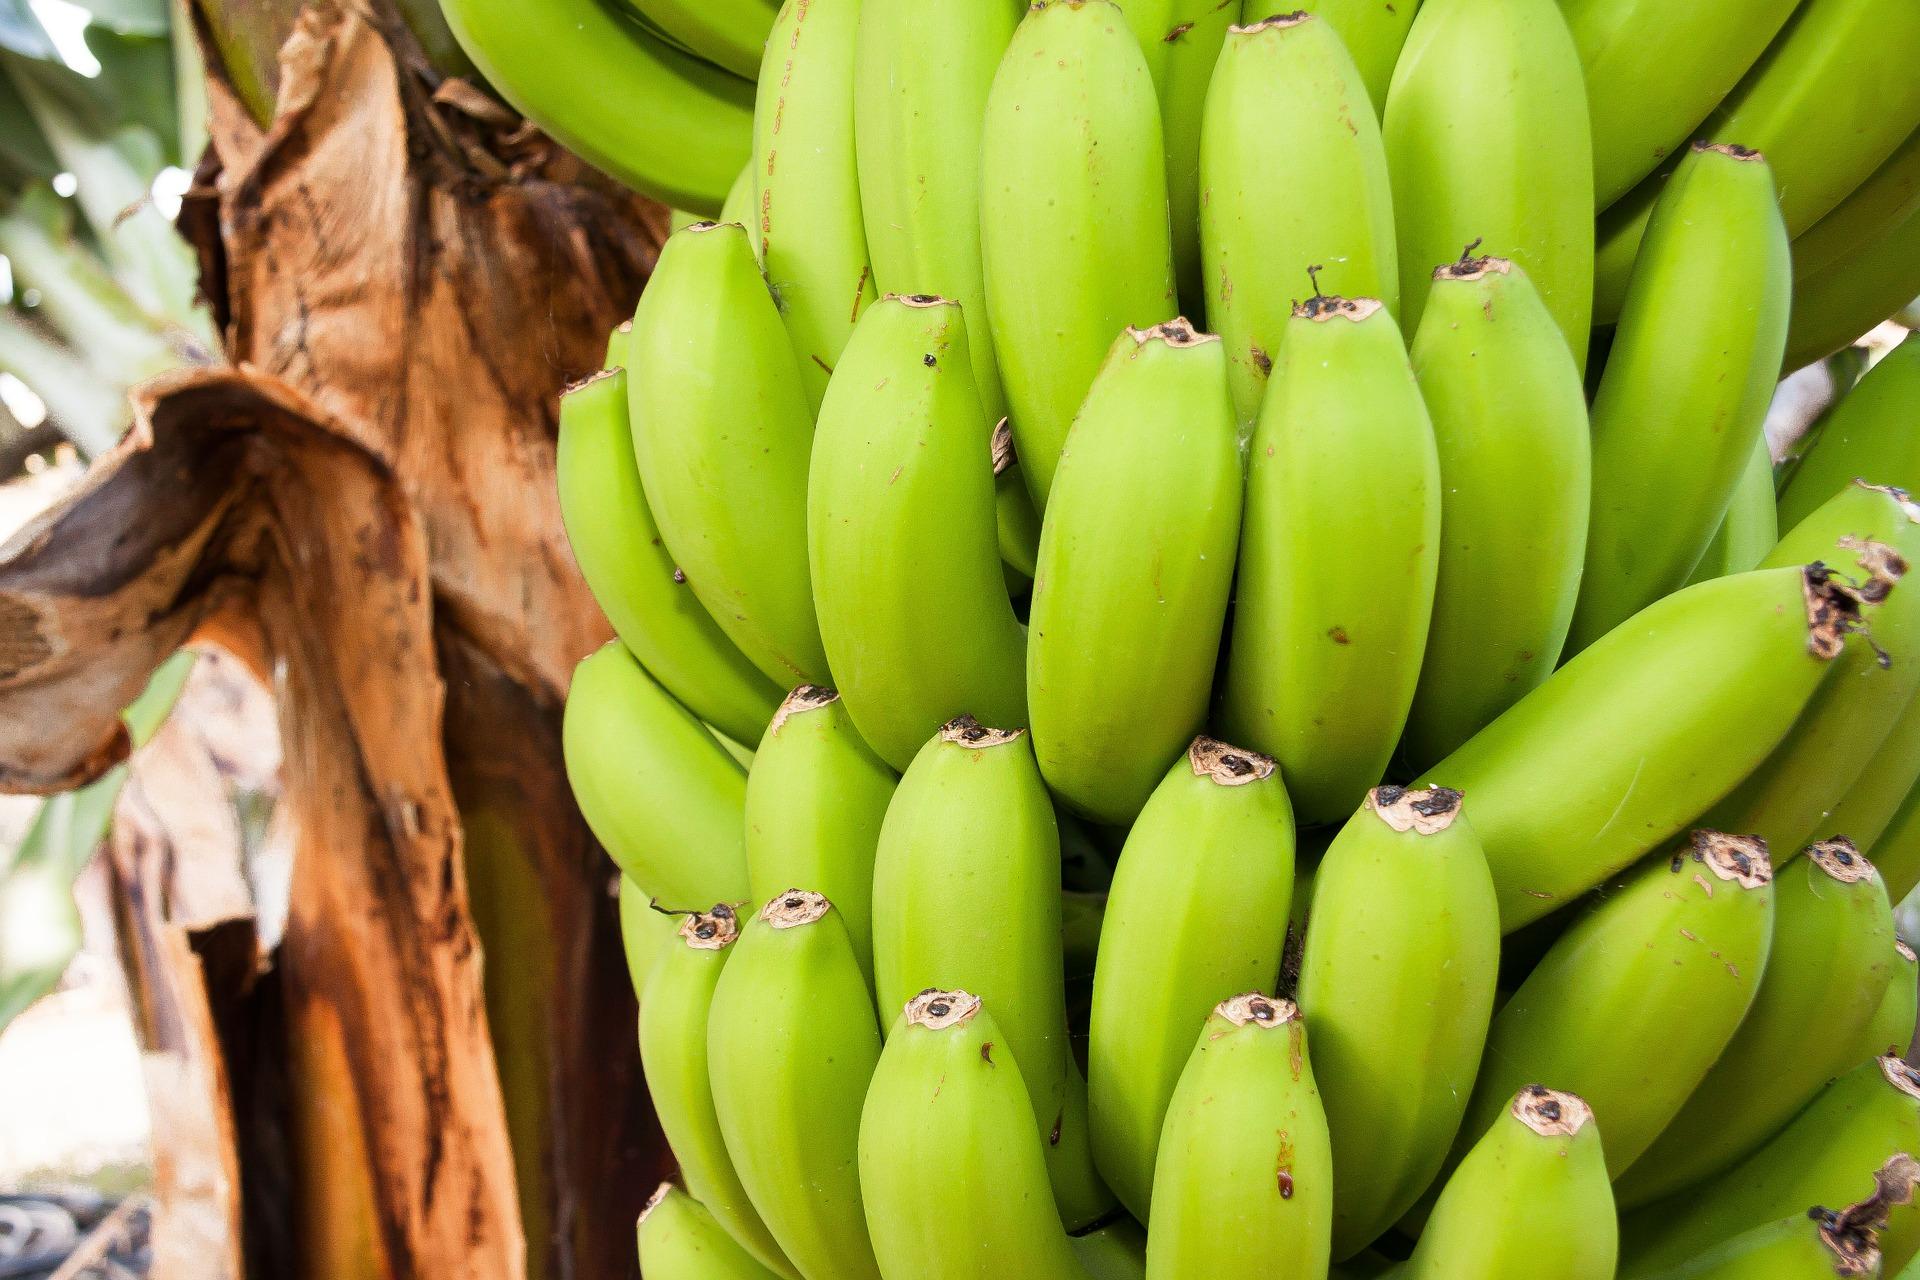 Pianta Di Banana Foto alla scoperta degli ingredienti: le banane